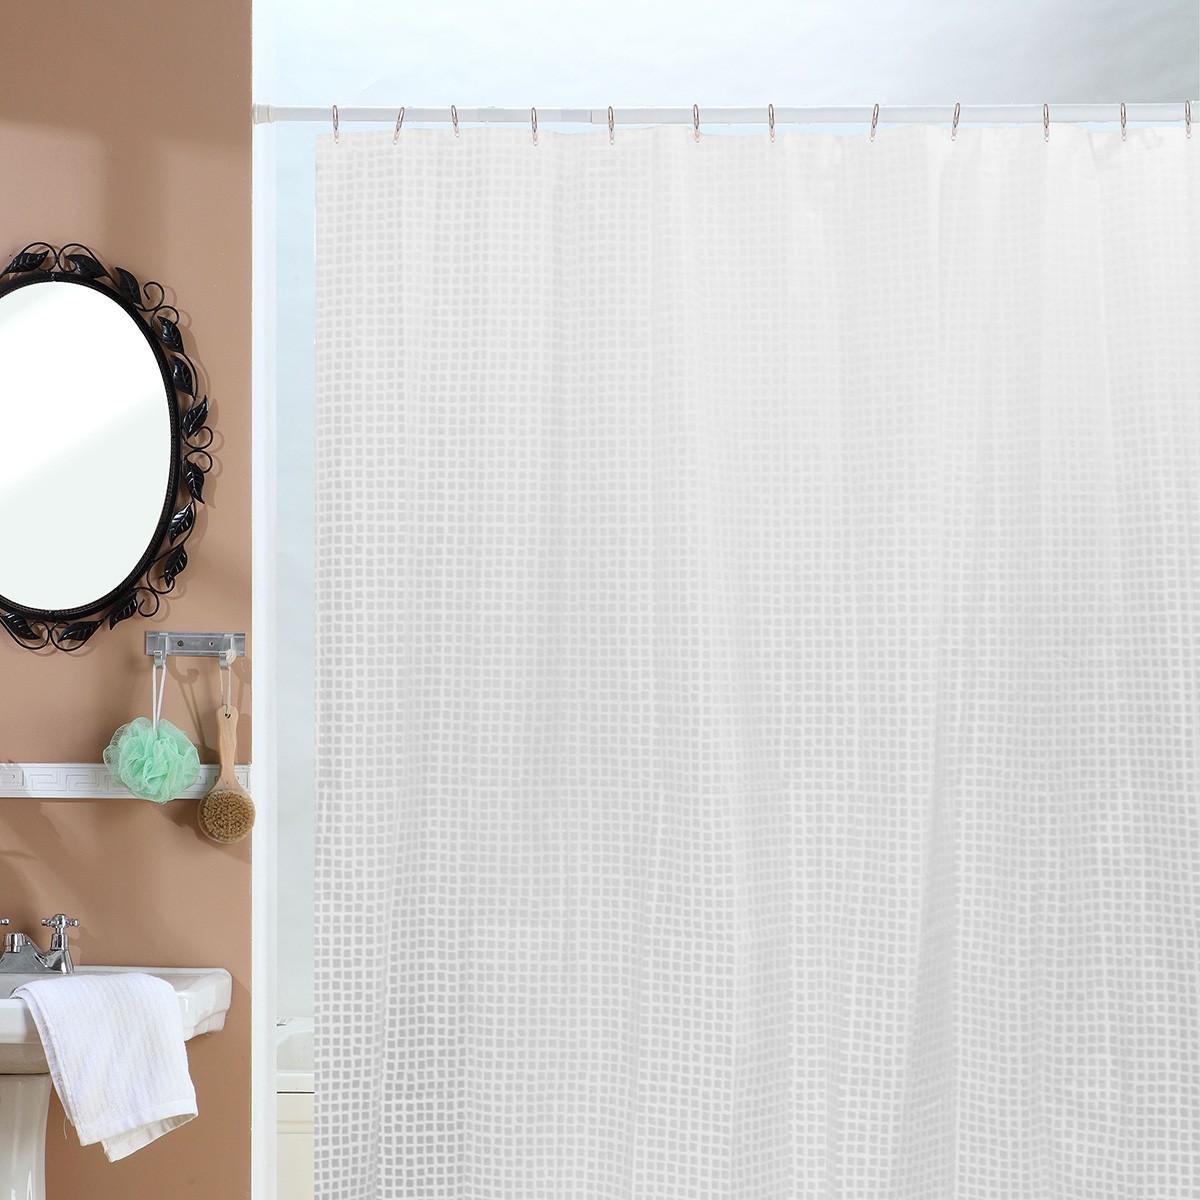 Κουρτίνα Μπάνιου Πλαστική (180×200) Viopros Κιούμπικ